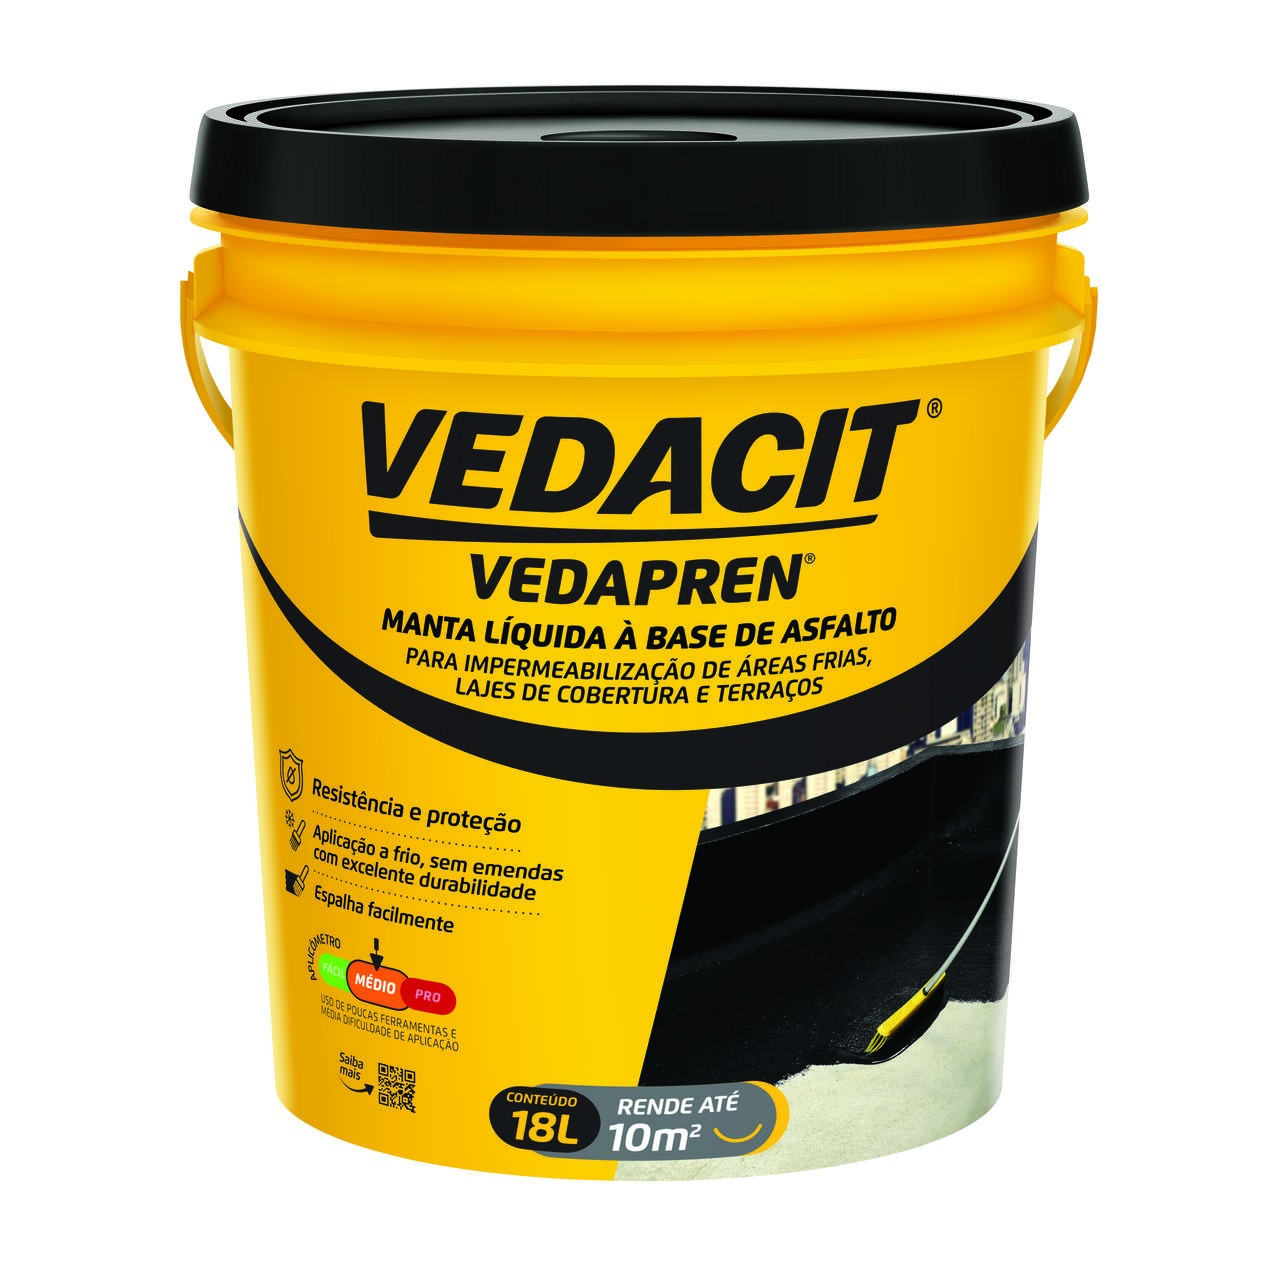 Manta Liquida Vedapren Preto 18L - Vedacit